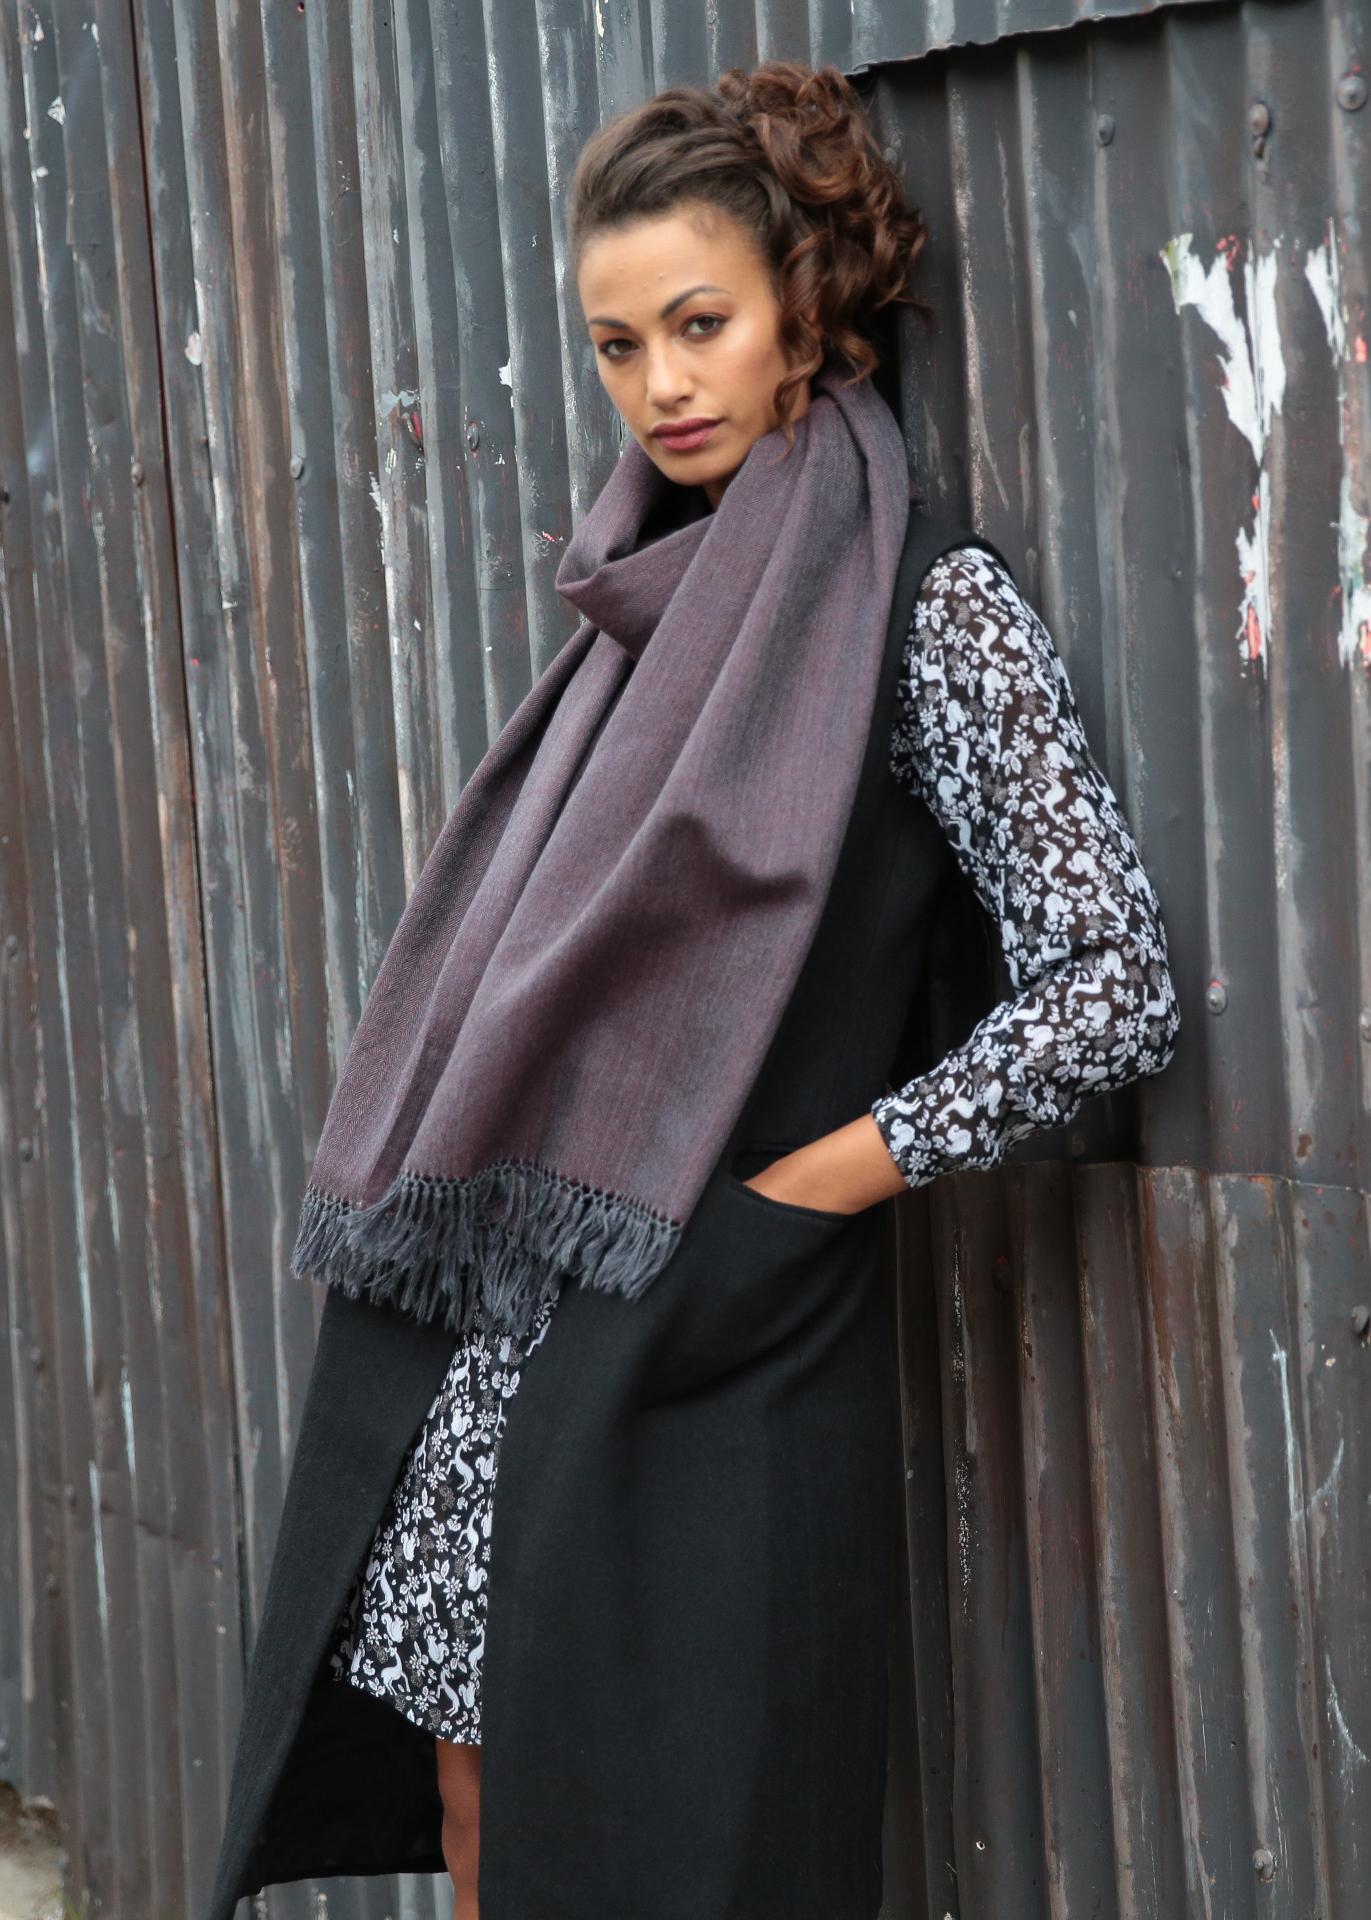 125b50681 Herringbone Handloom Merino Wool Pashmina Scarf Raisin 200 X 75cm ...